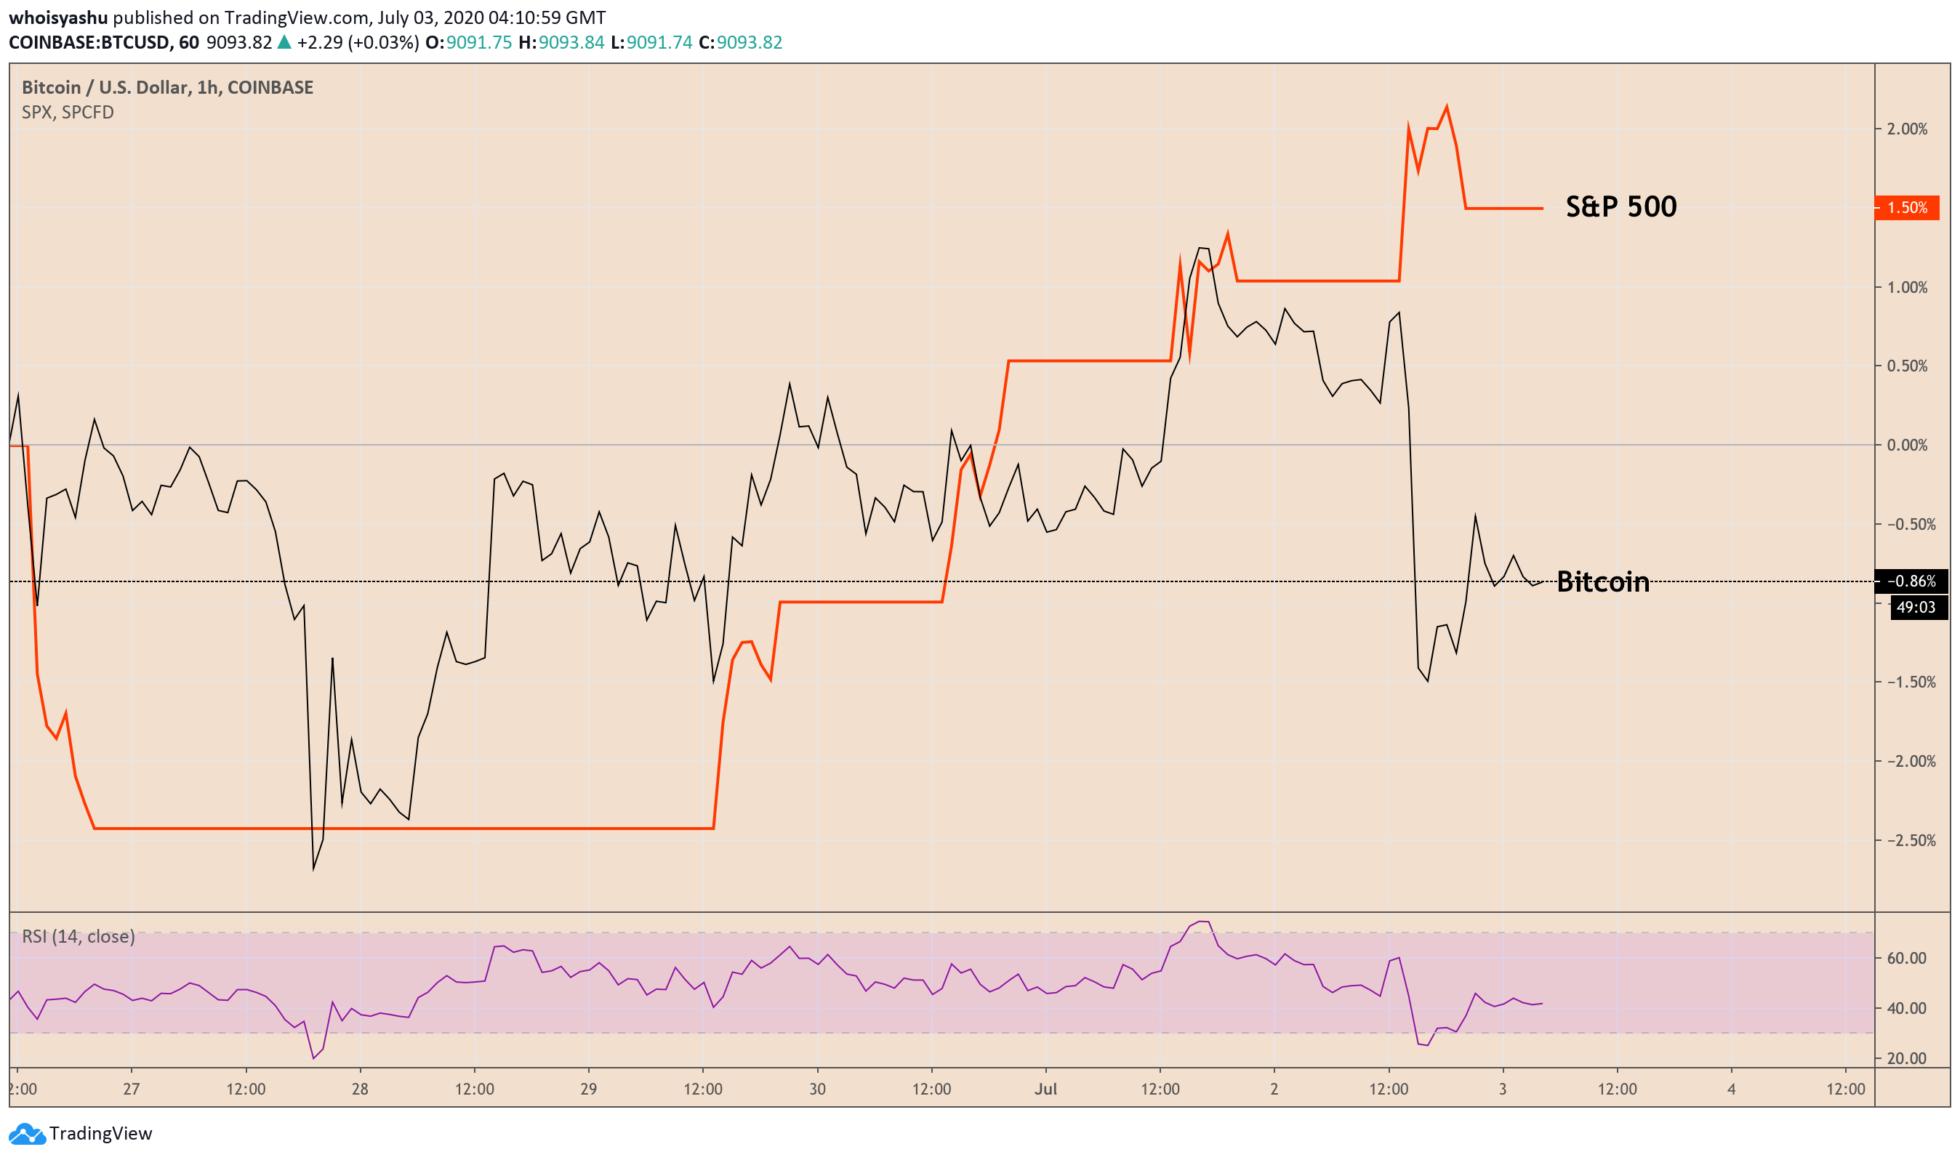 Biểu đồ giá bitcoin cho thấy sự tách rời mới nhất của nó so với chỉ số S & P 500. Nguồn: TradingView.com